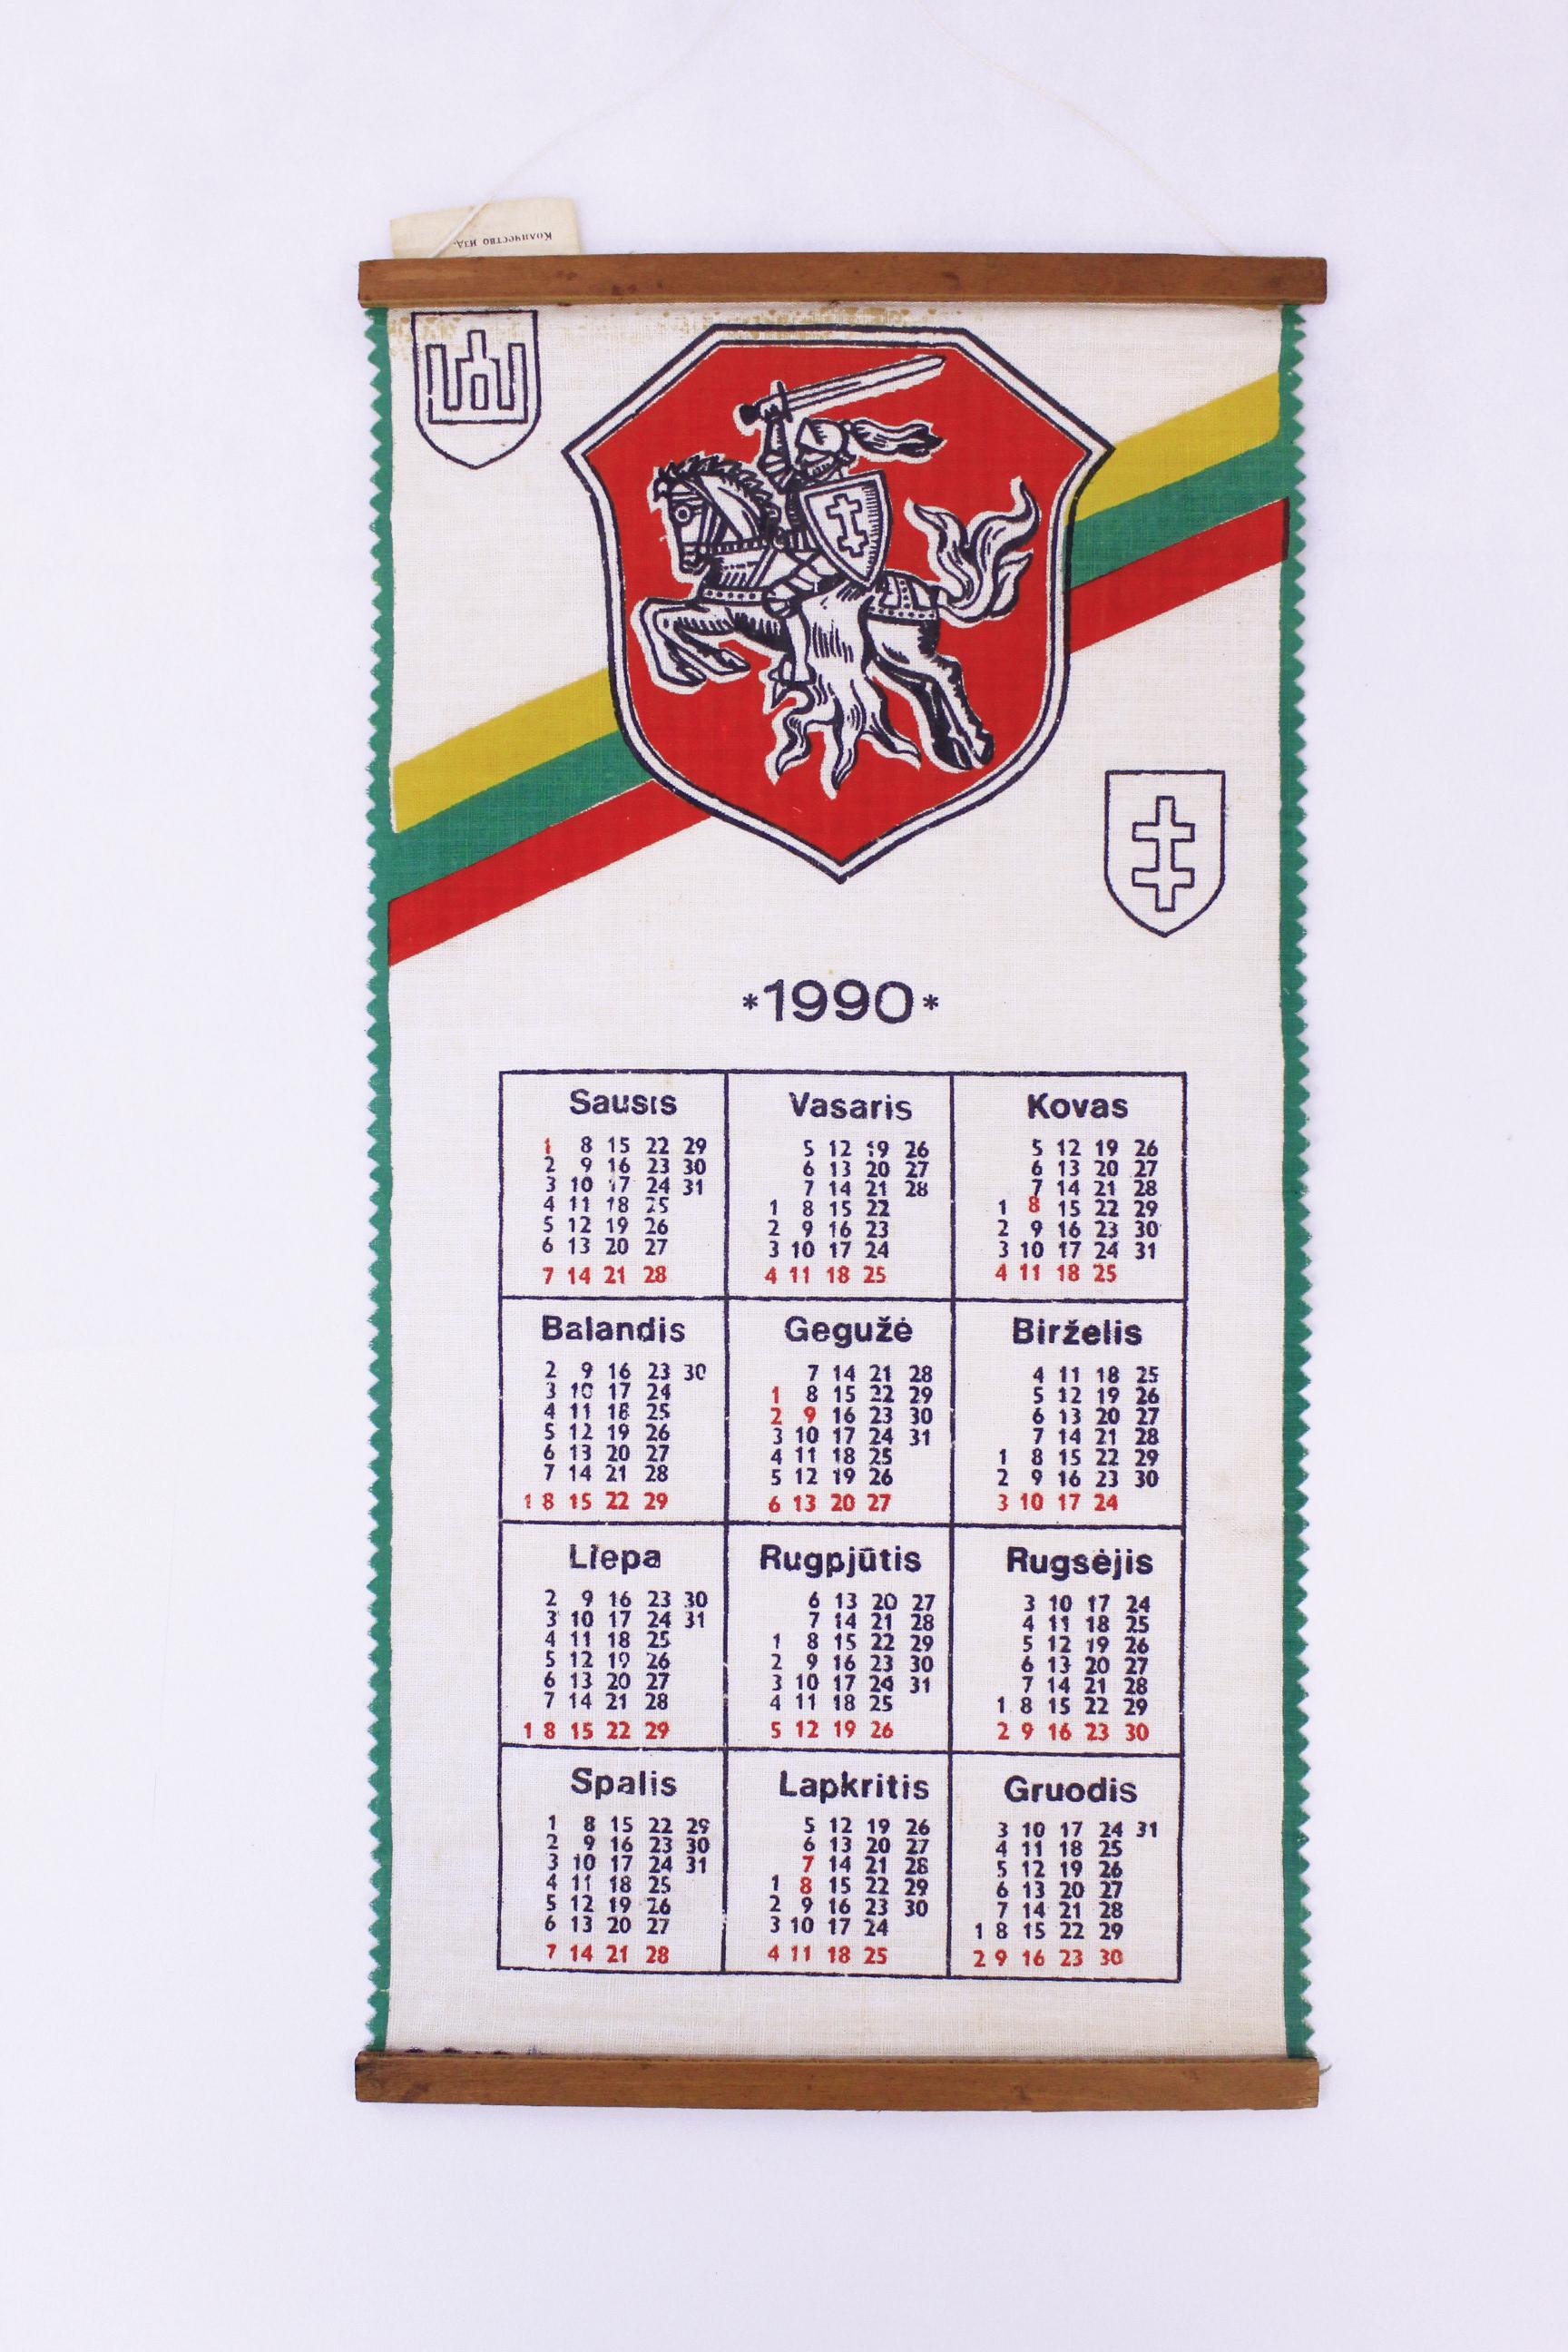 1990 Calendario.File Calendario Calendar Jpg Wikimedia Commons